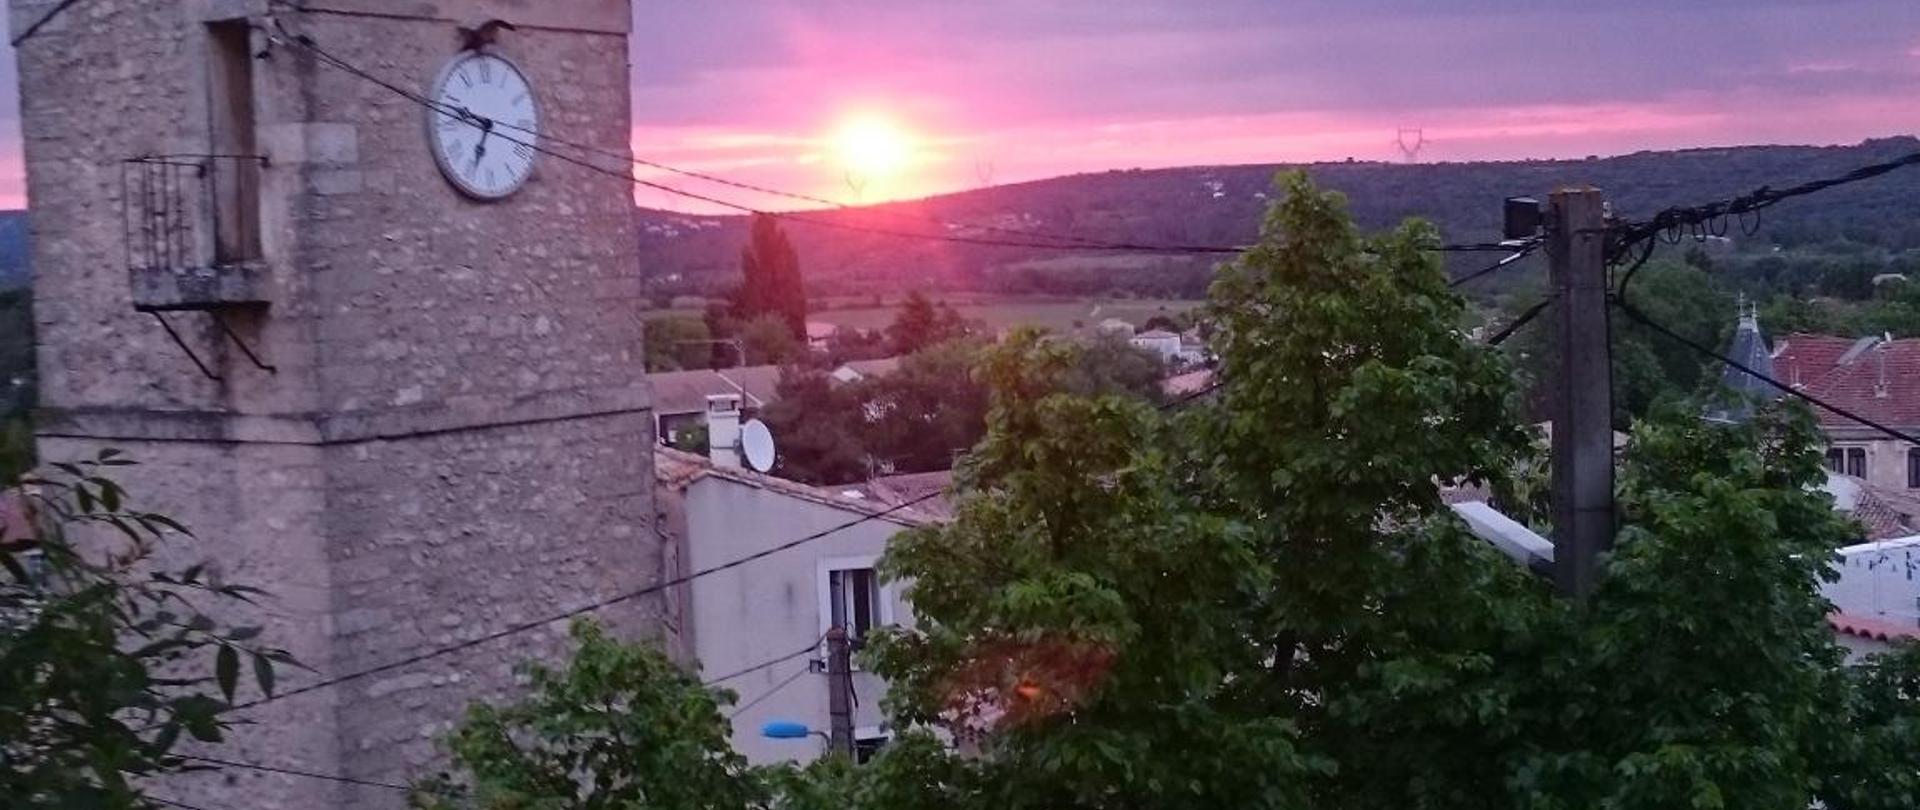 Levée de soleil sur le clocher.jpg